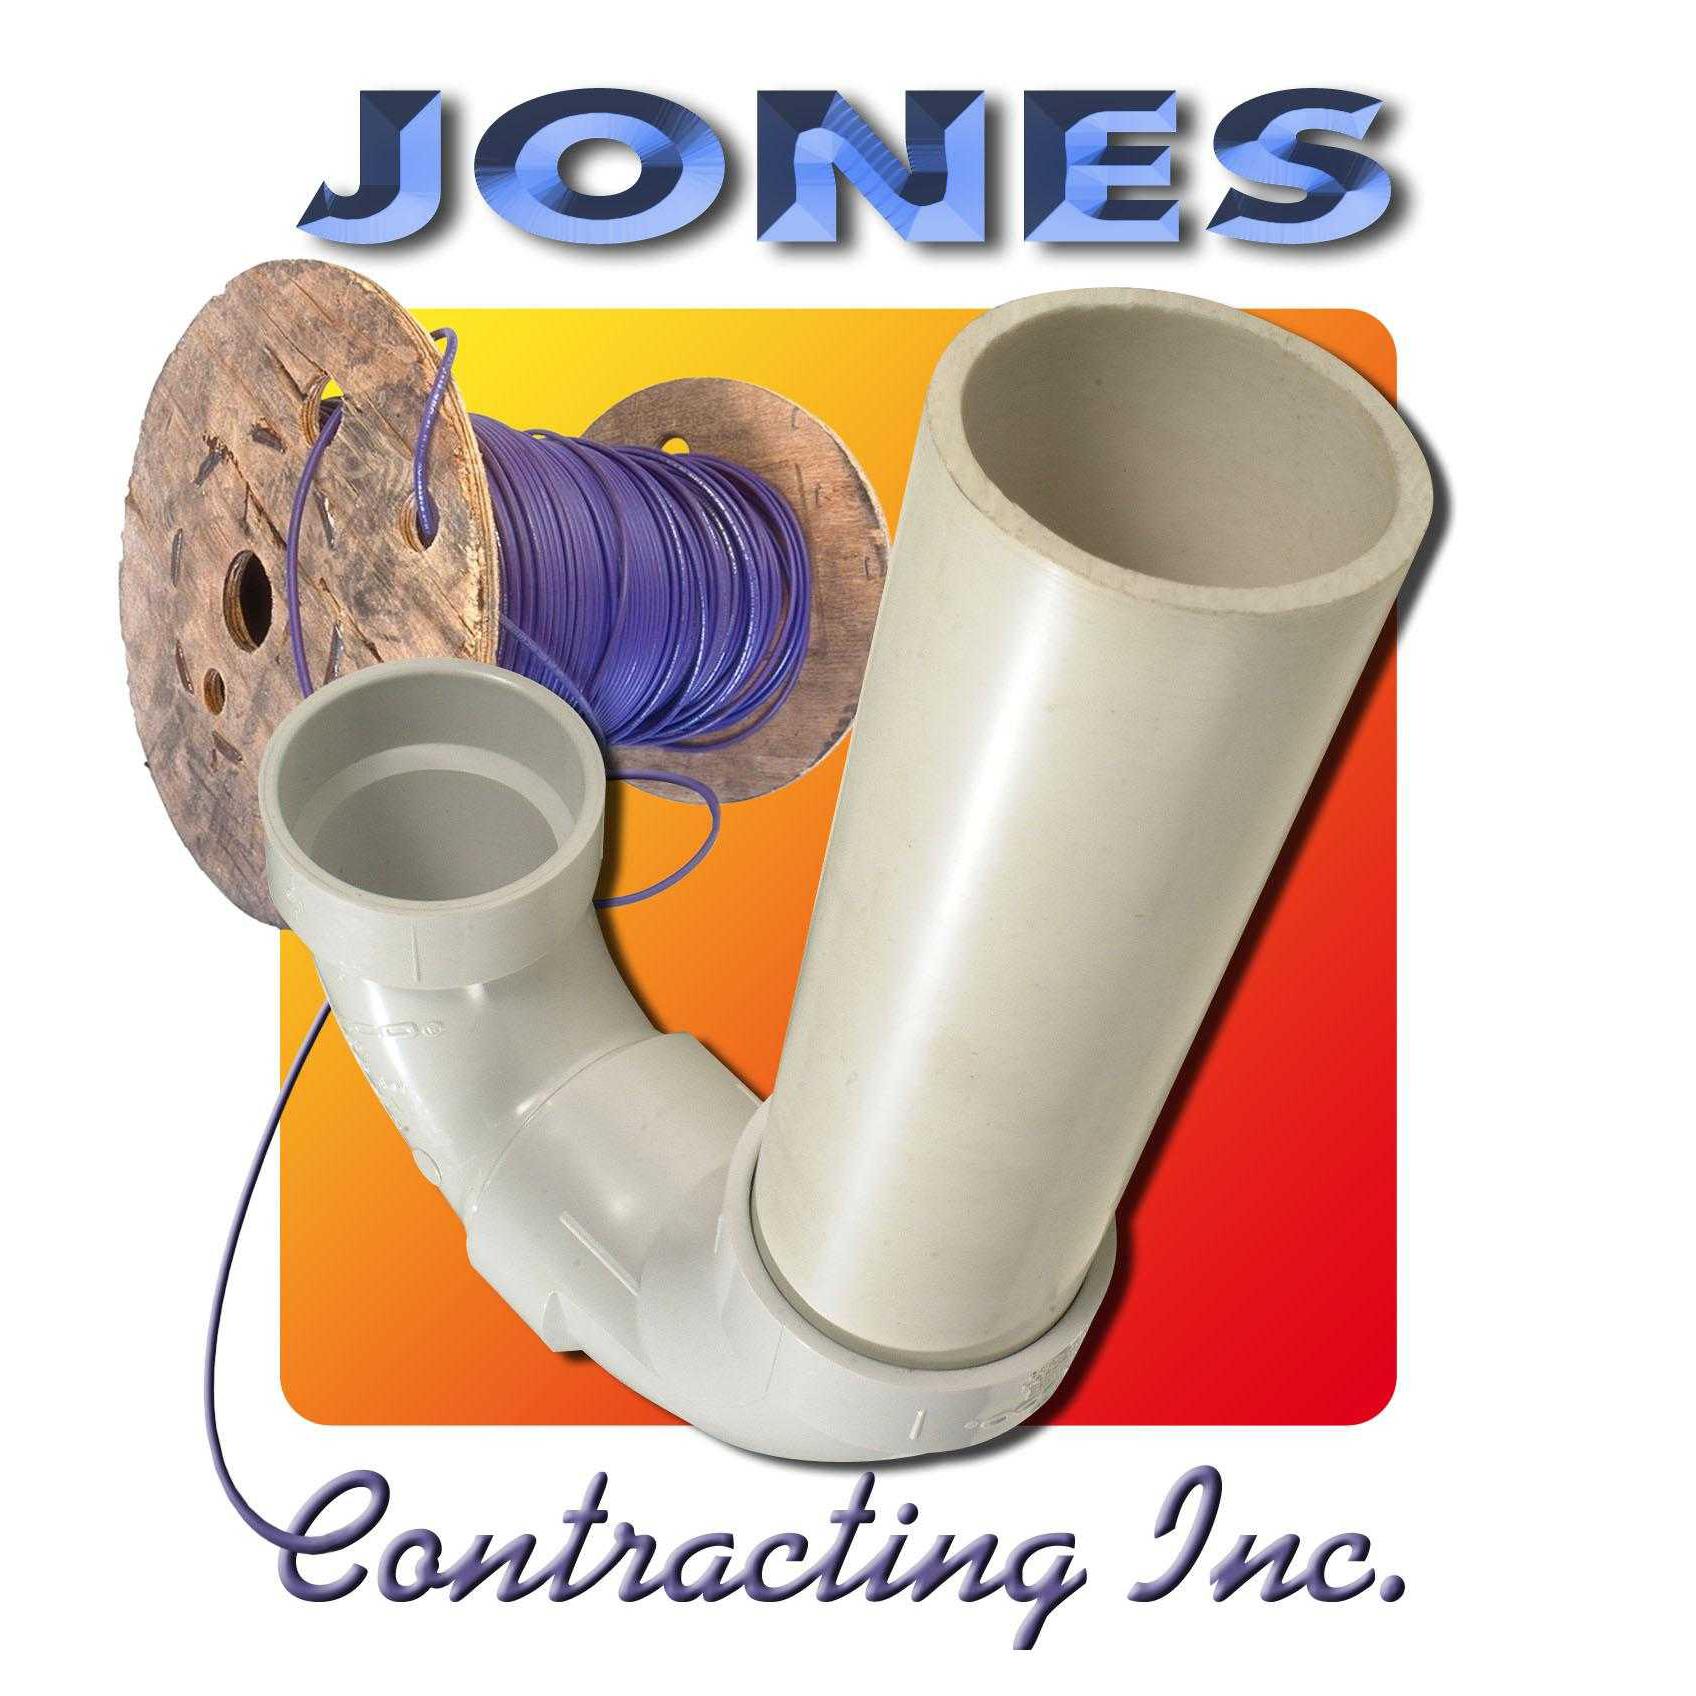 Jones Contracting, Inc.